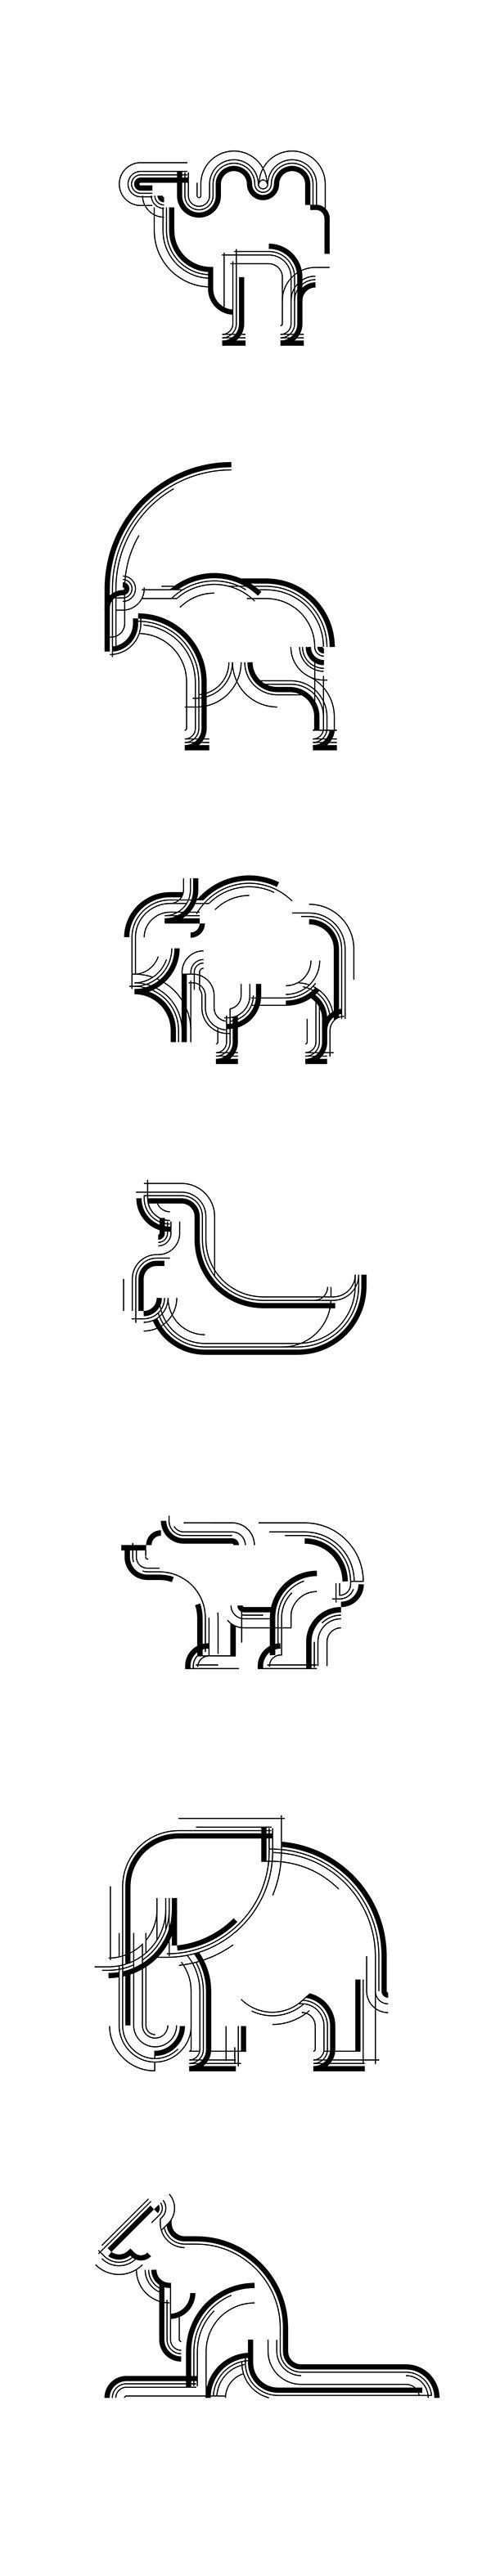 https://www.behance.net/gallery/21820041/WARSAW-ZOO-visual-identity